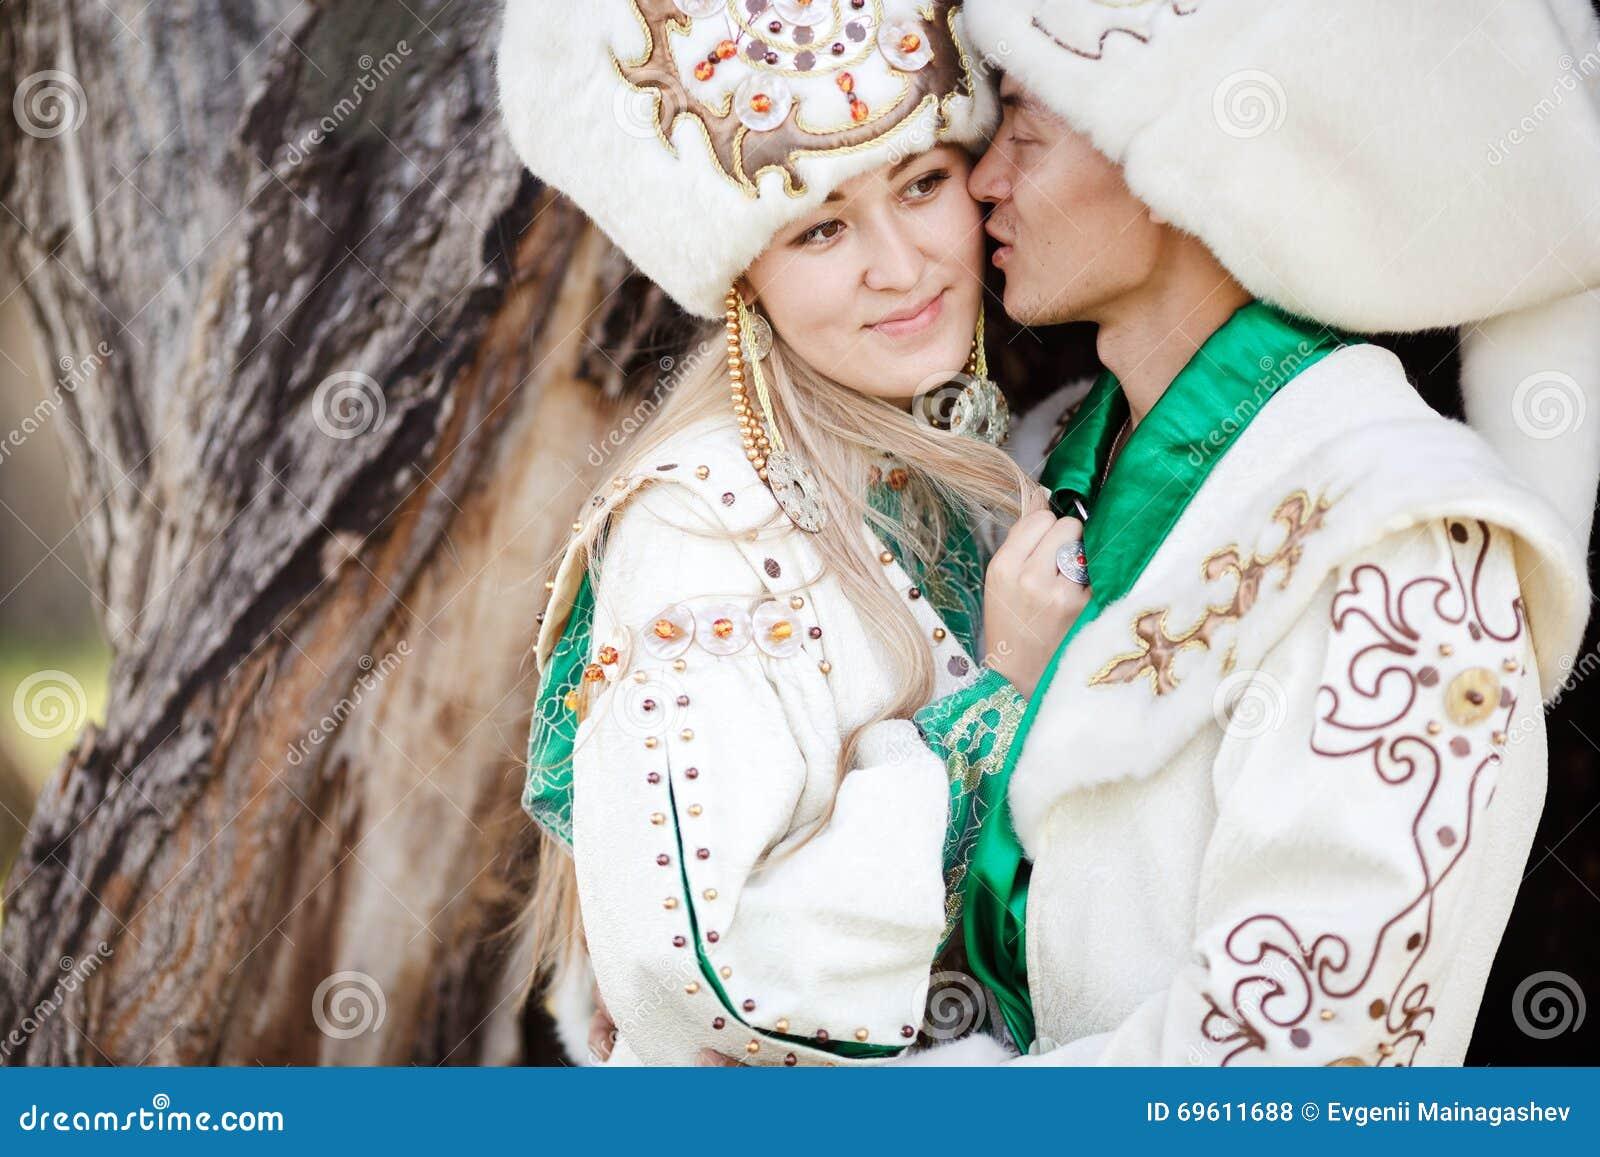 Paar in der Umarmung der ethnischen Kostüme auf Hintergrund des strukturierten Holzes, Bräutigam küsst Braut an der Backe